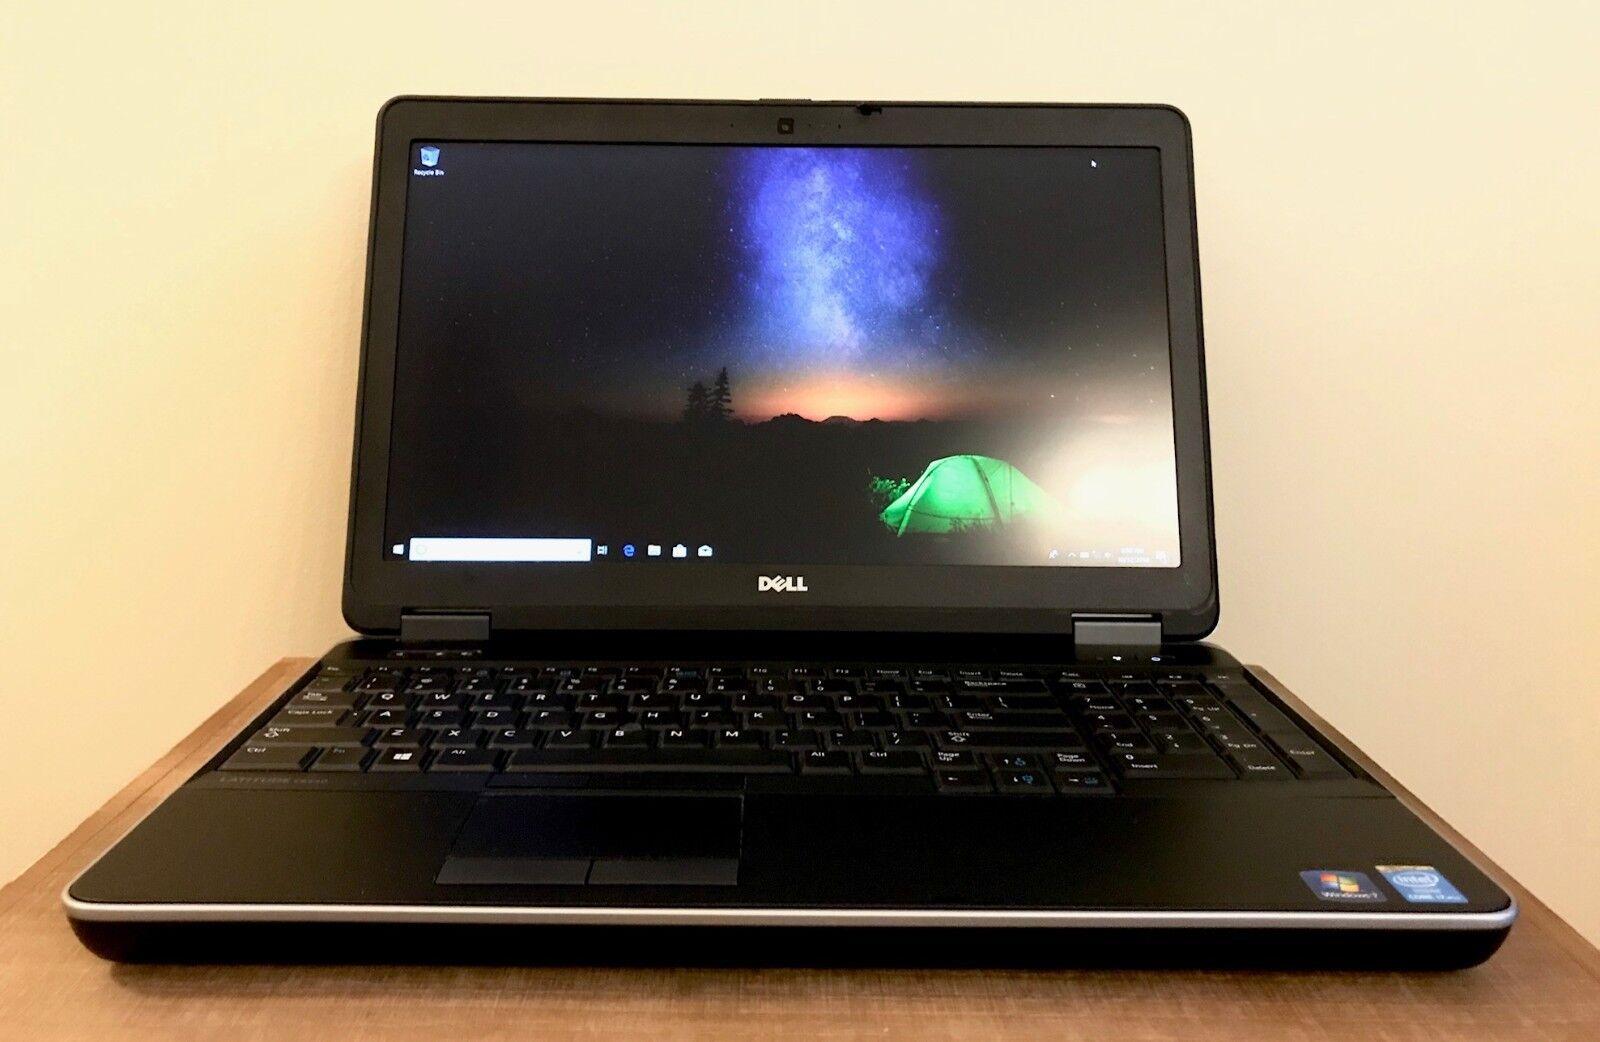 Dell Latitude E6540 Intel Quad-CORE i7-4800MQ 8GB RAM 500 GB DVD WIN 10 PRO